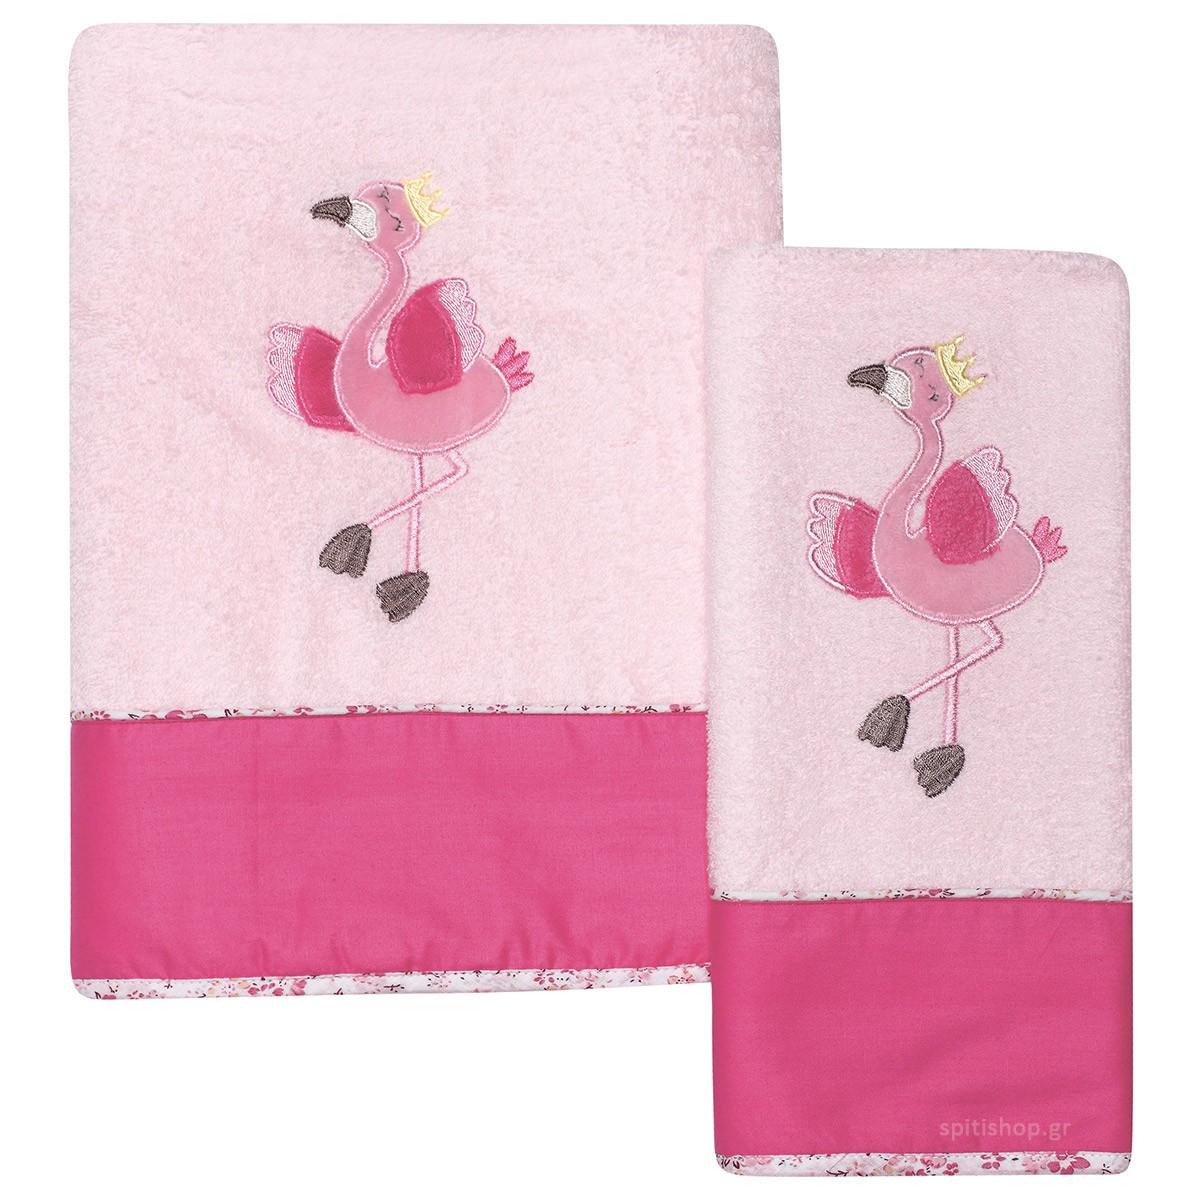 Βρεφικές Πετσέτες (Σετ 2τμχ) Das Home Dream Embroidery 6464 89917